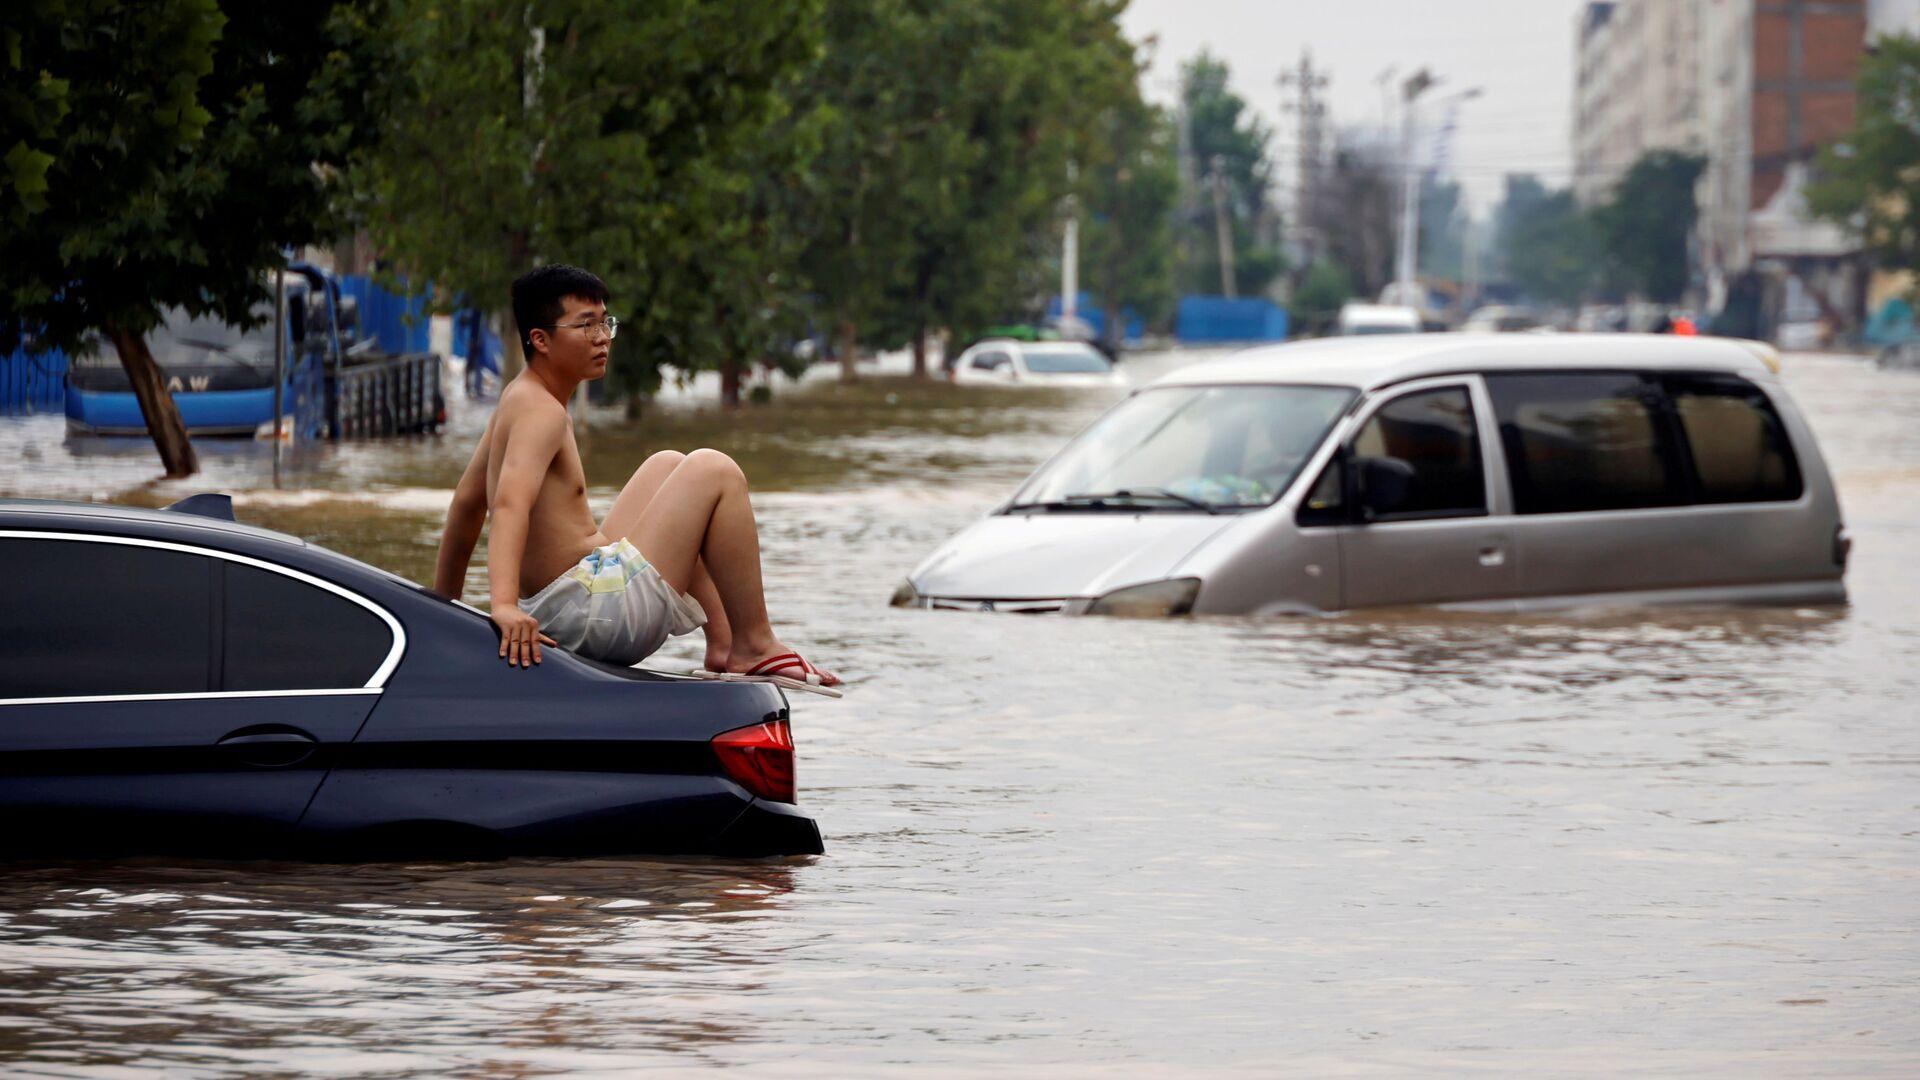 Povodeň v čínském městě Čeng-čou, provincie Che-nan - Sputnik Česká republika, 1920, 09.08.2021